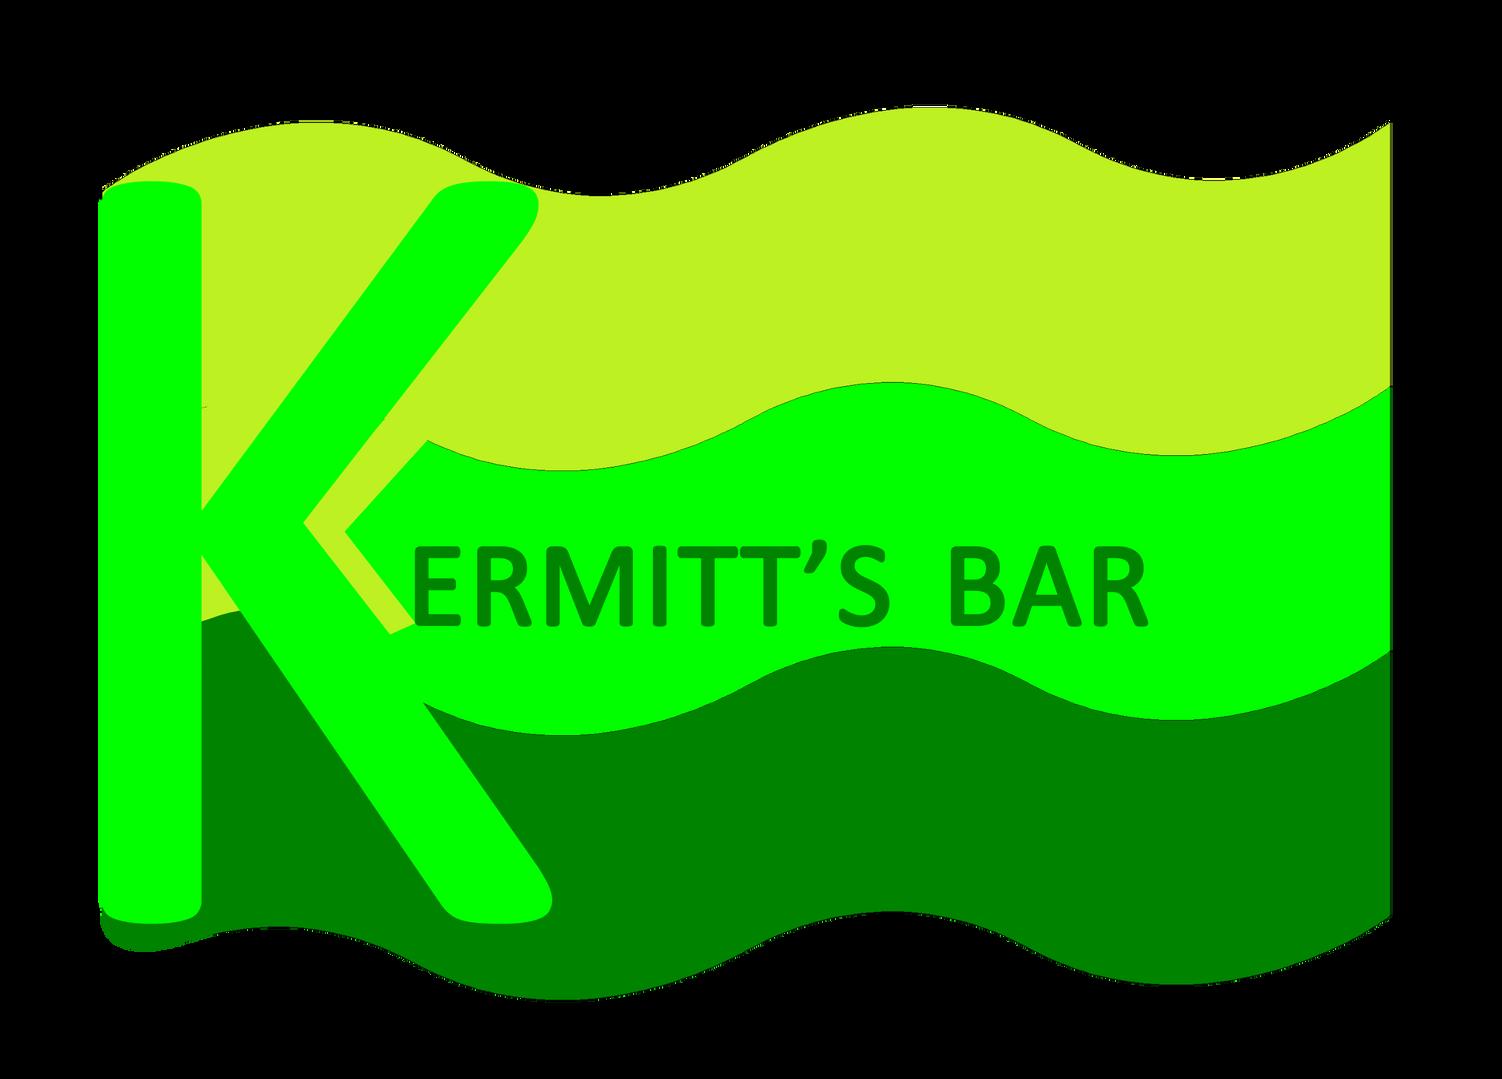 Kermitt's Bar.PNG